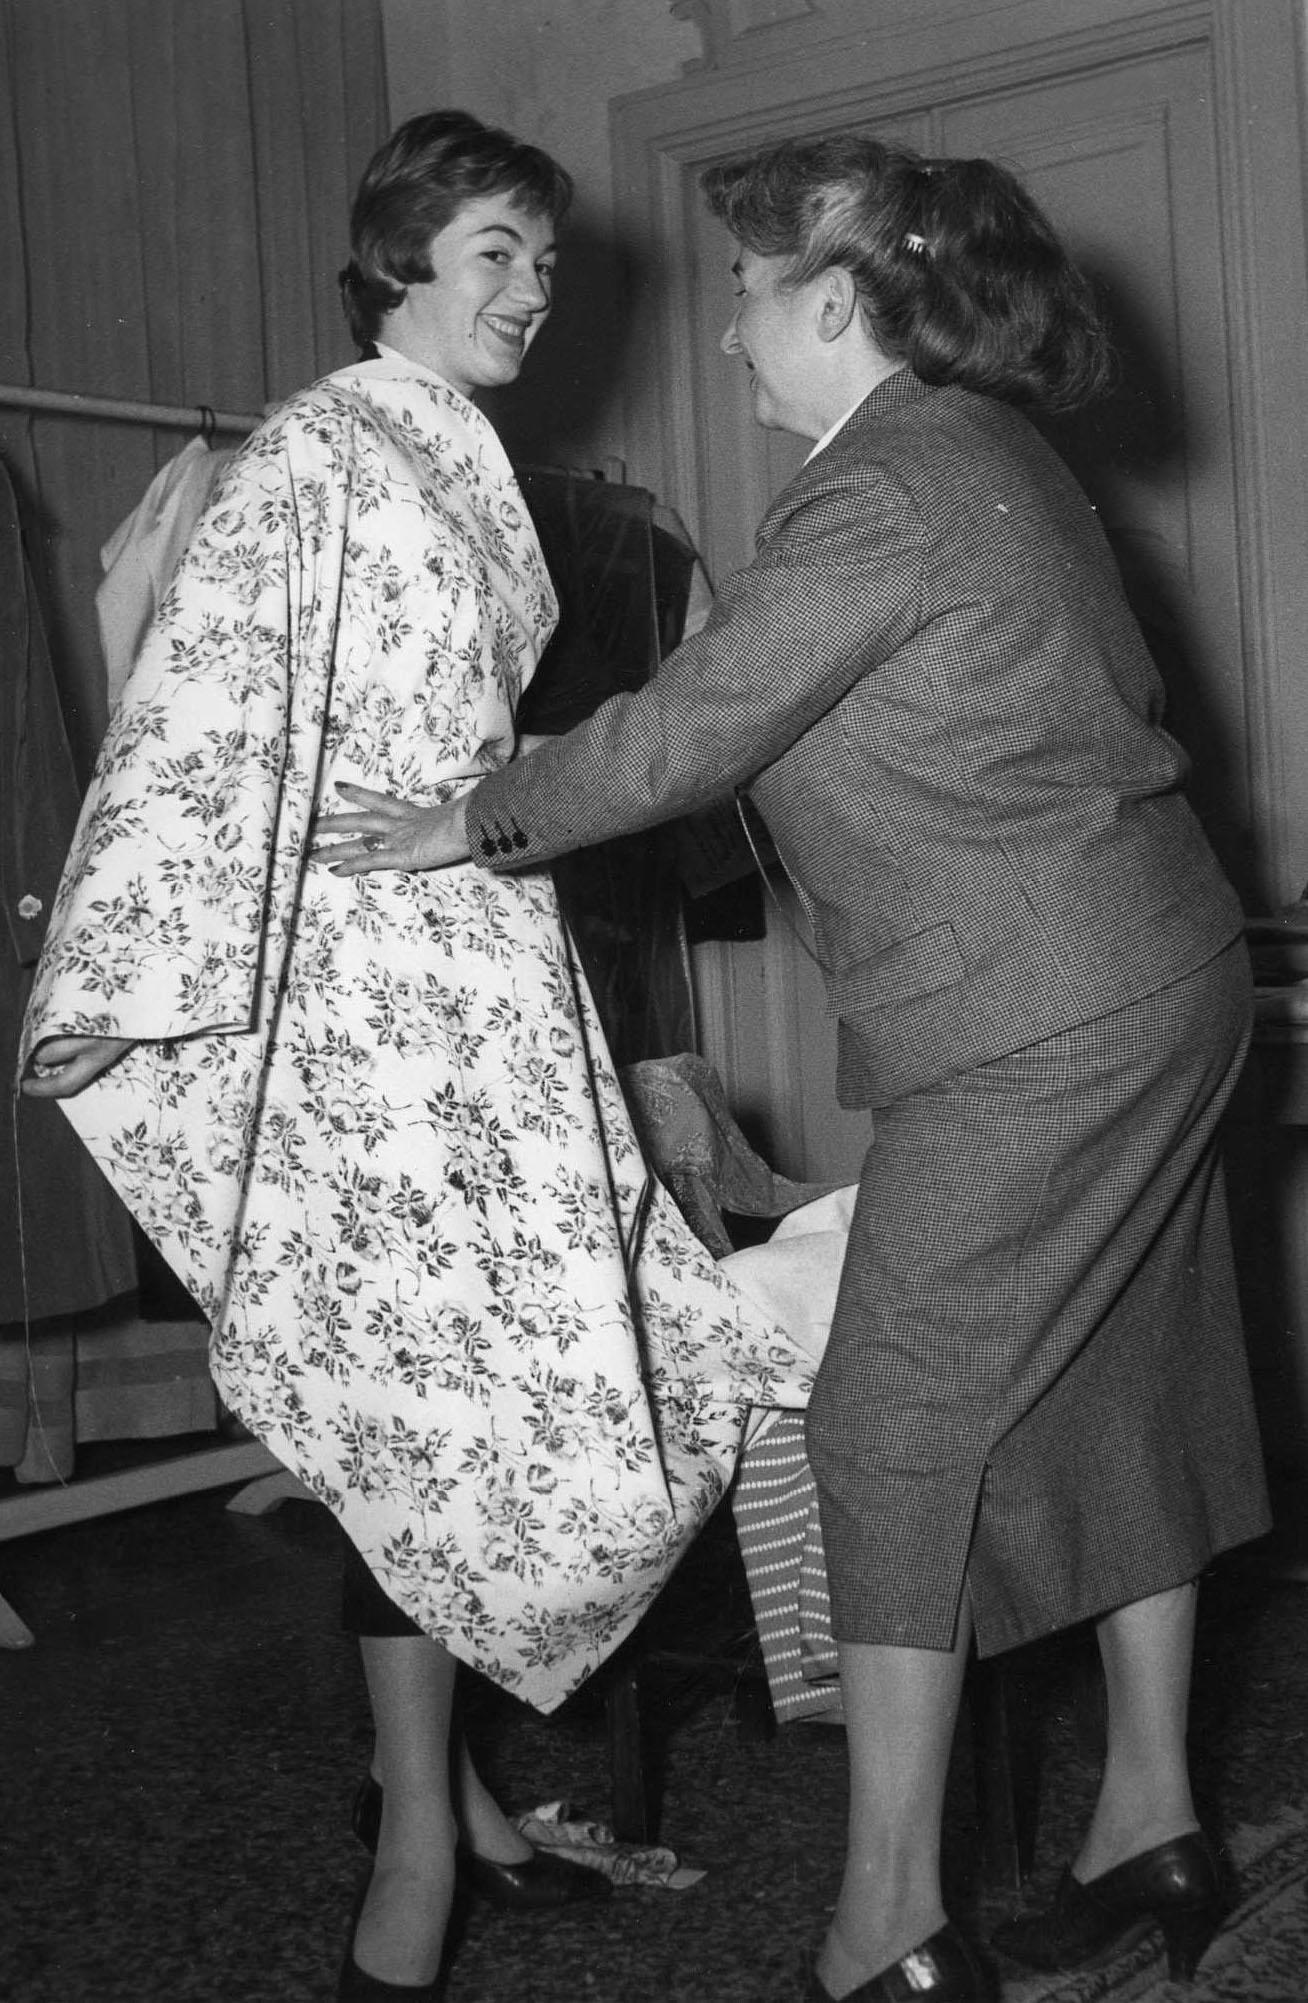 Germana Marucelli al lavoro con l'indossatrice Marisa Colla in Quaglia nel suo atelier milanese di Corso Venezia 18 | Archivio Germana Marucelli